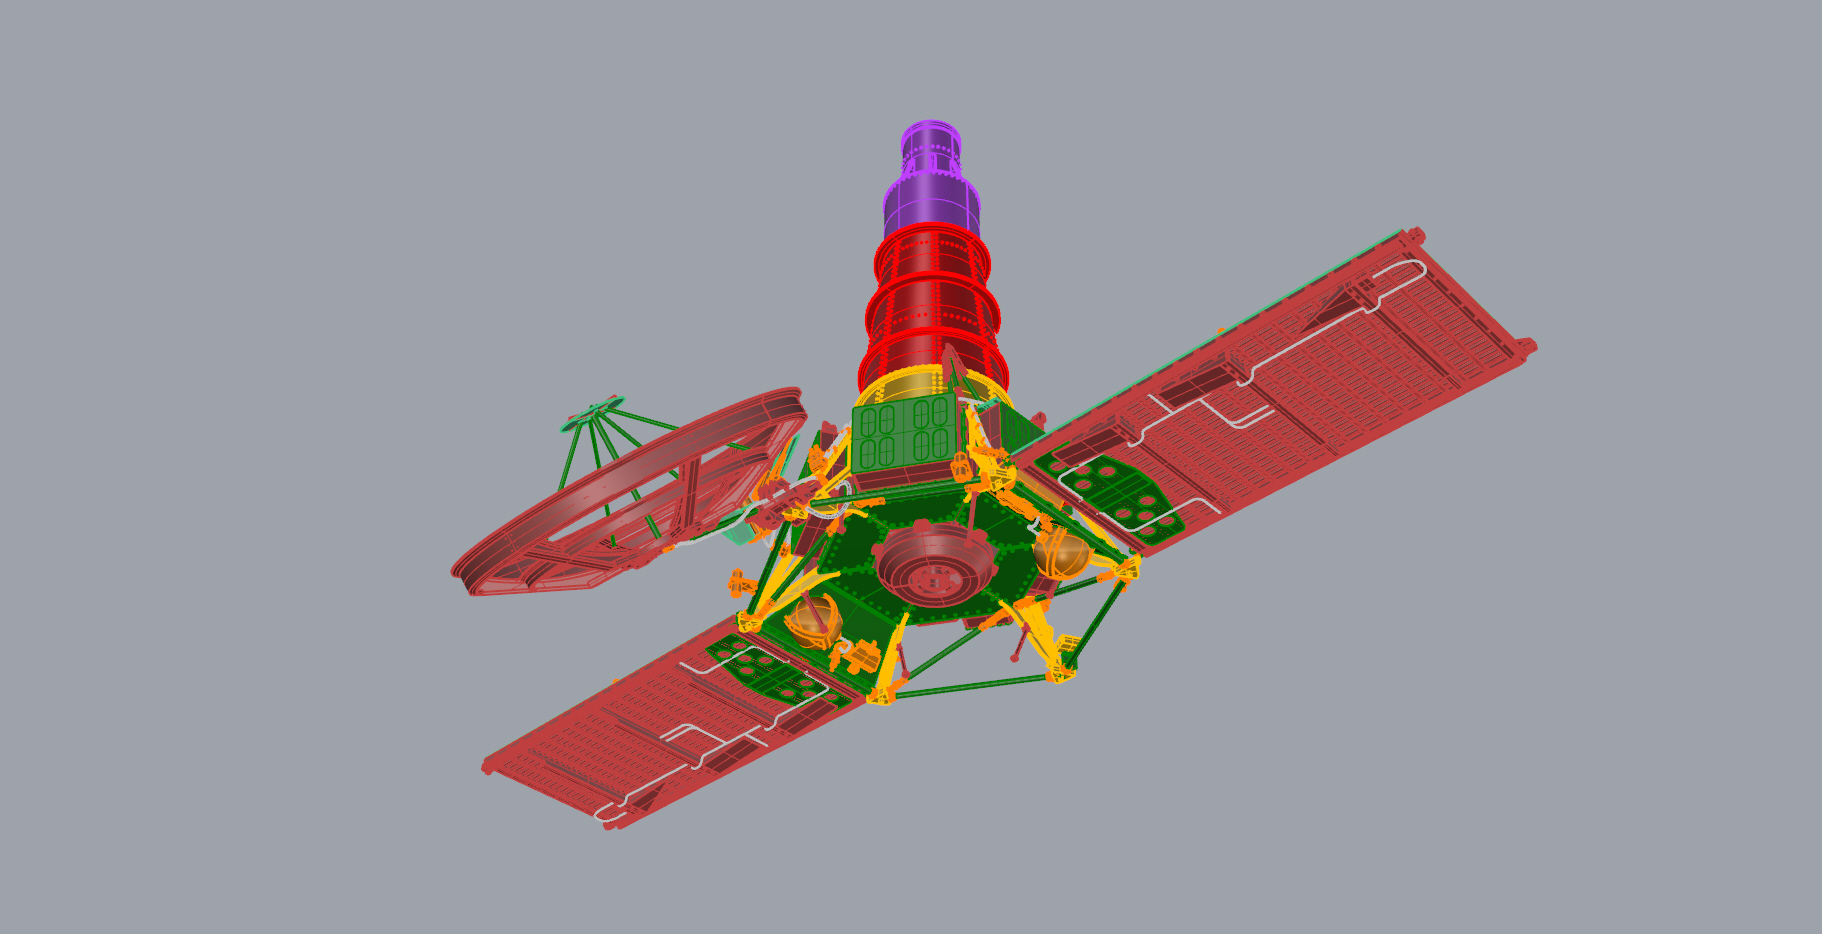 Crash-test planétaire : la sonde lunaire Ranger 8 au 1/24e 17072612440823134915170985